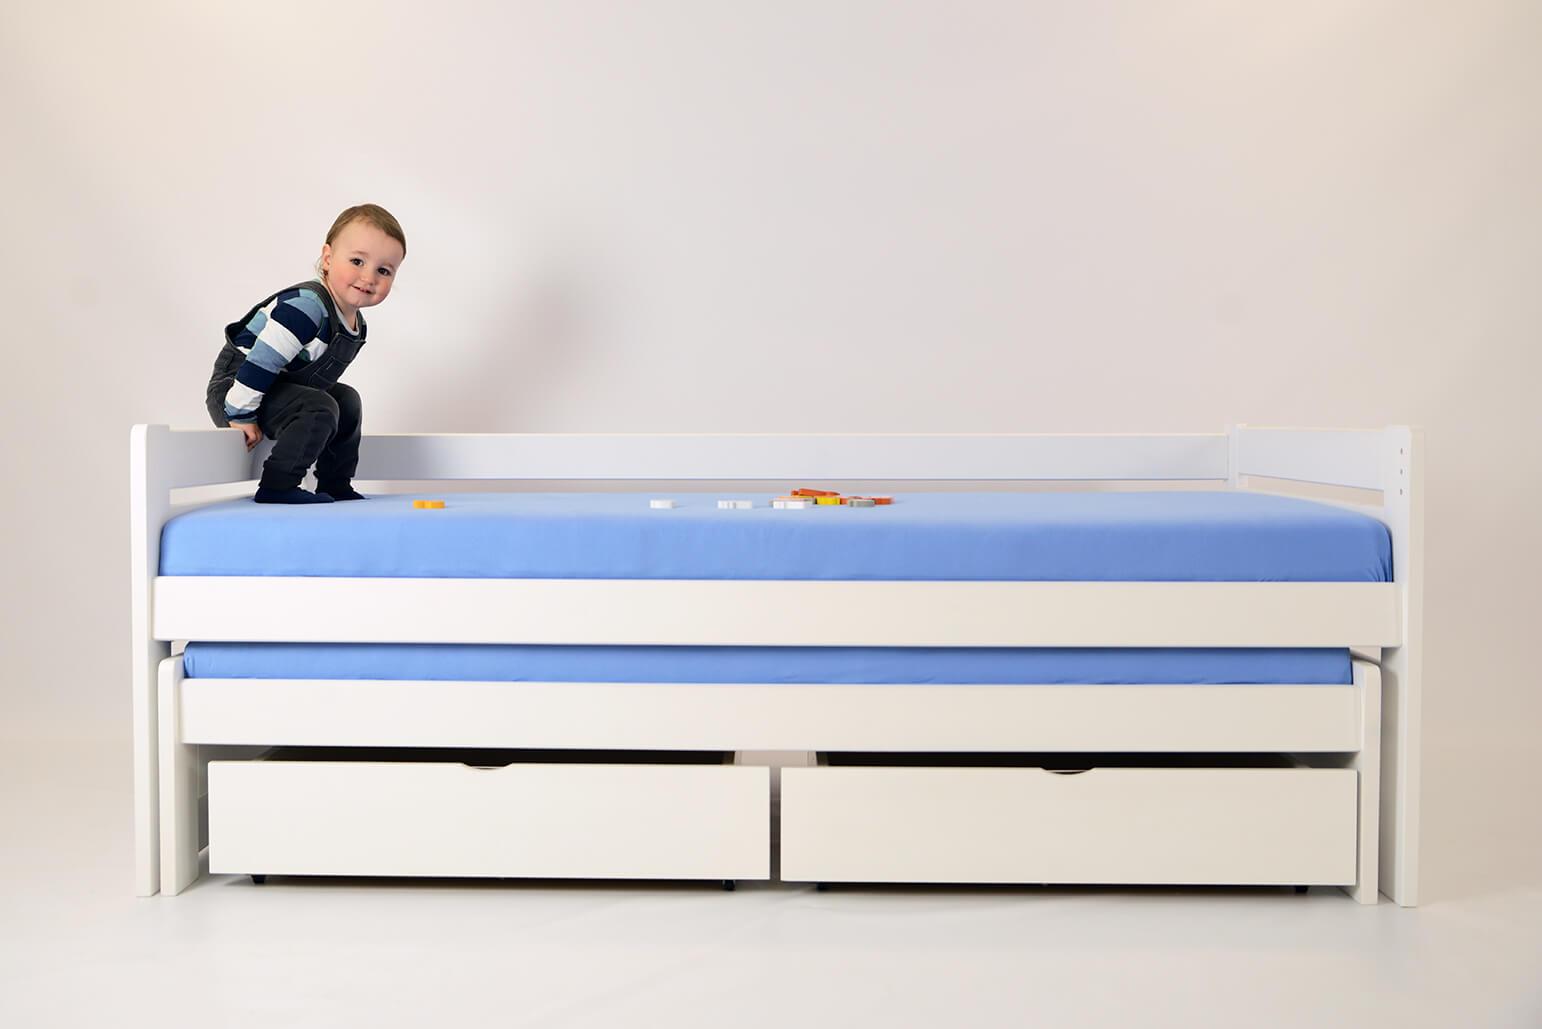 Rozkladacia detská posteľ - nenechajte sa prekvapiť návštevou!